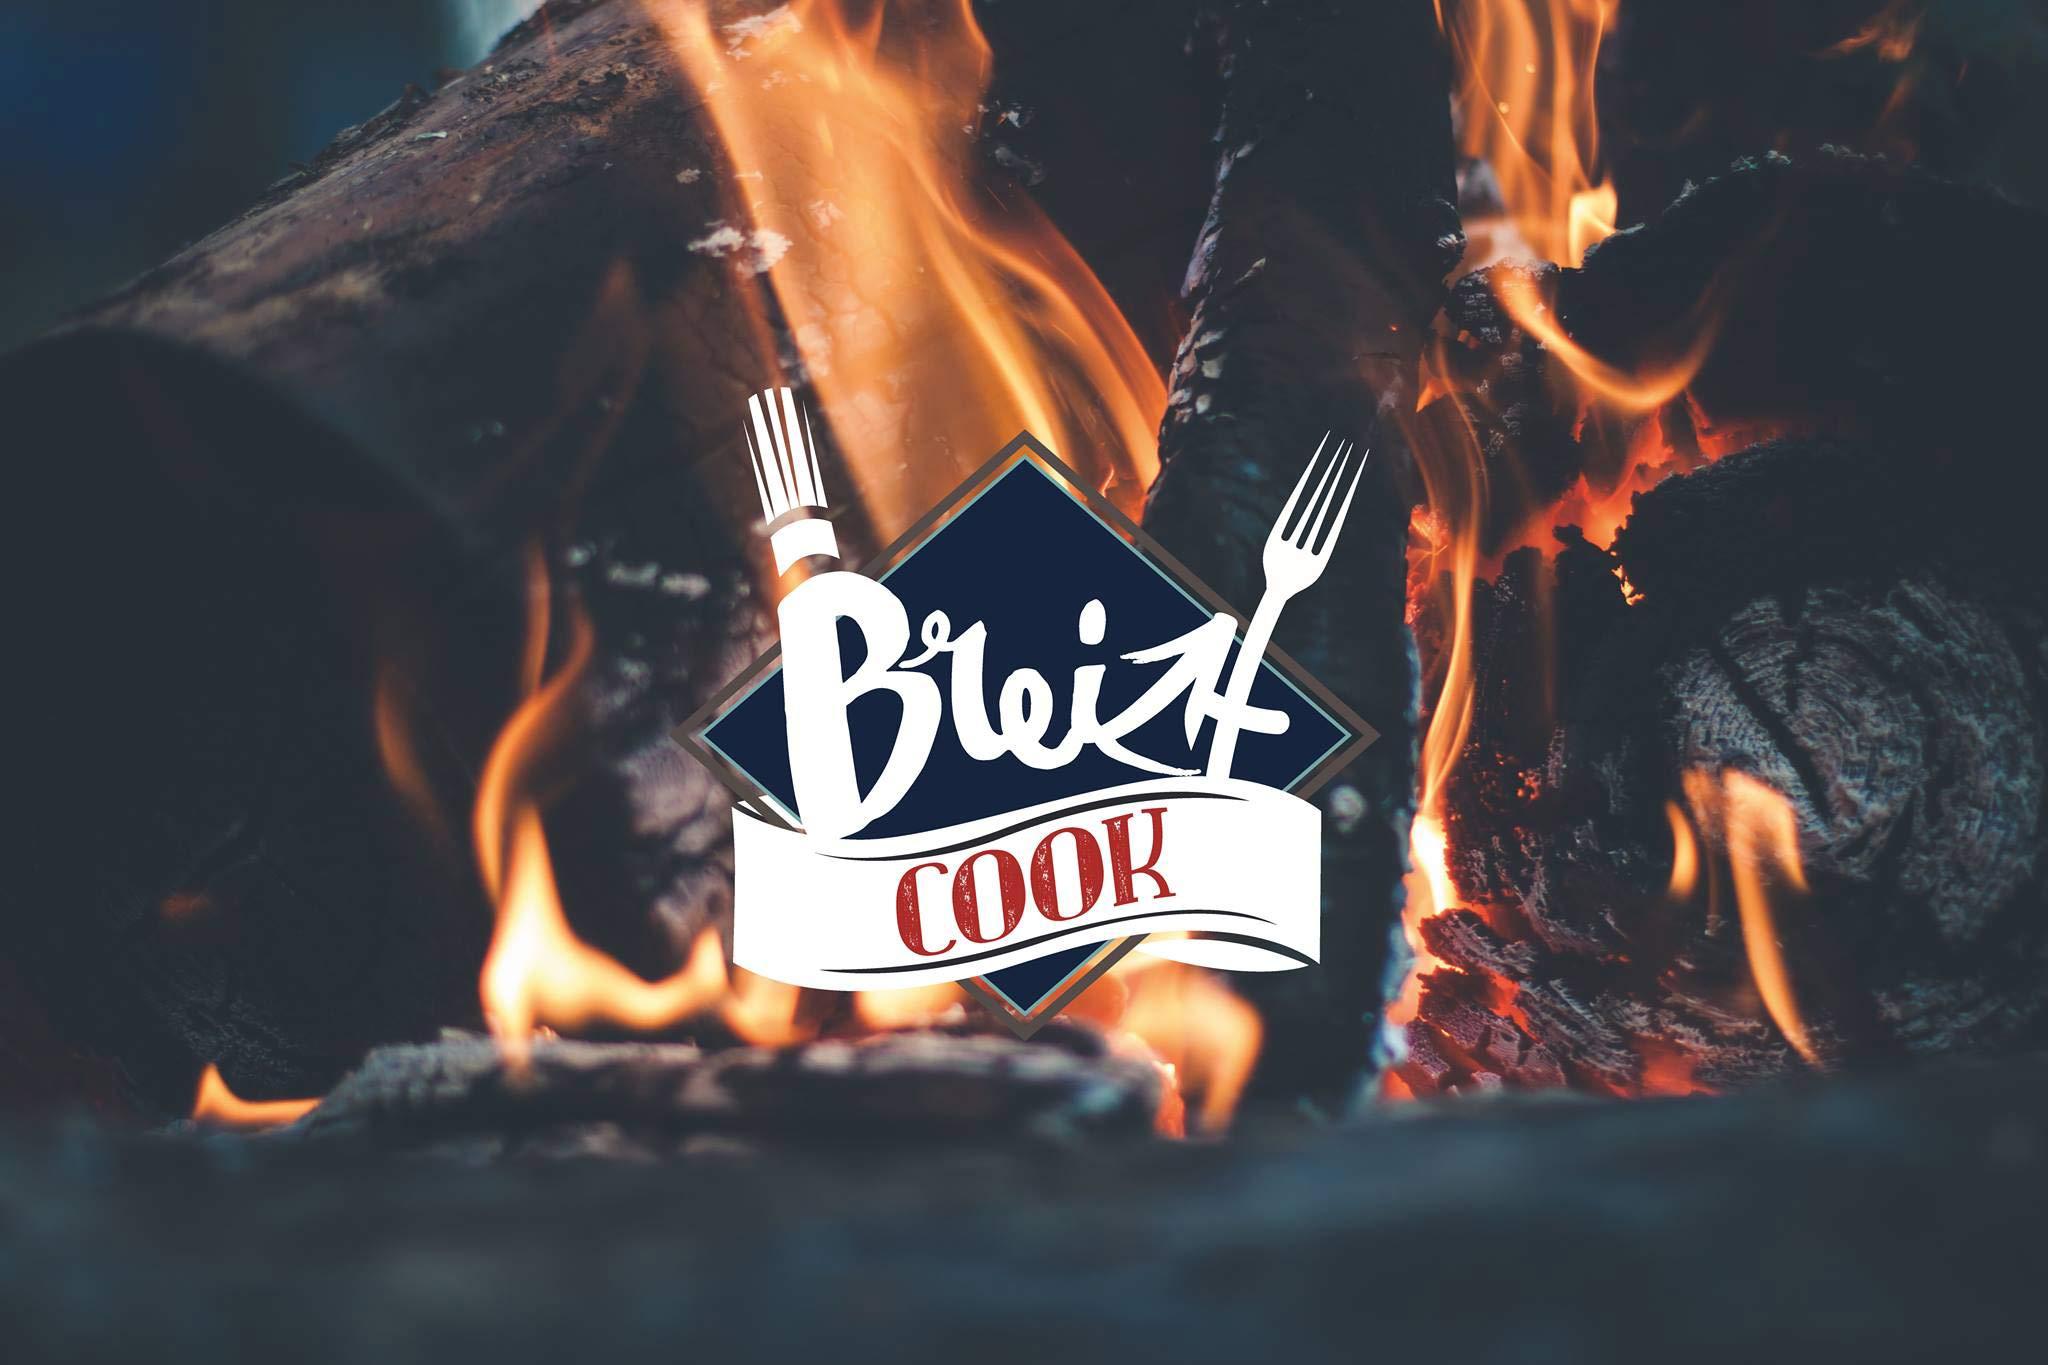 Breizh Cook